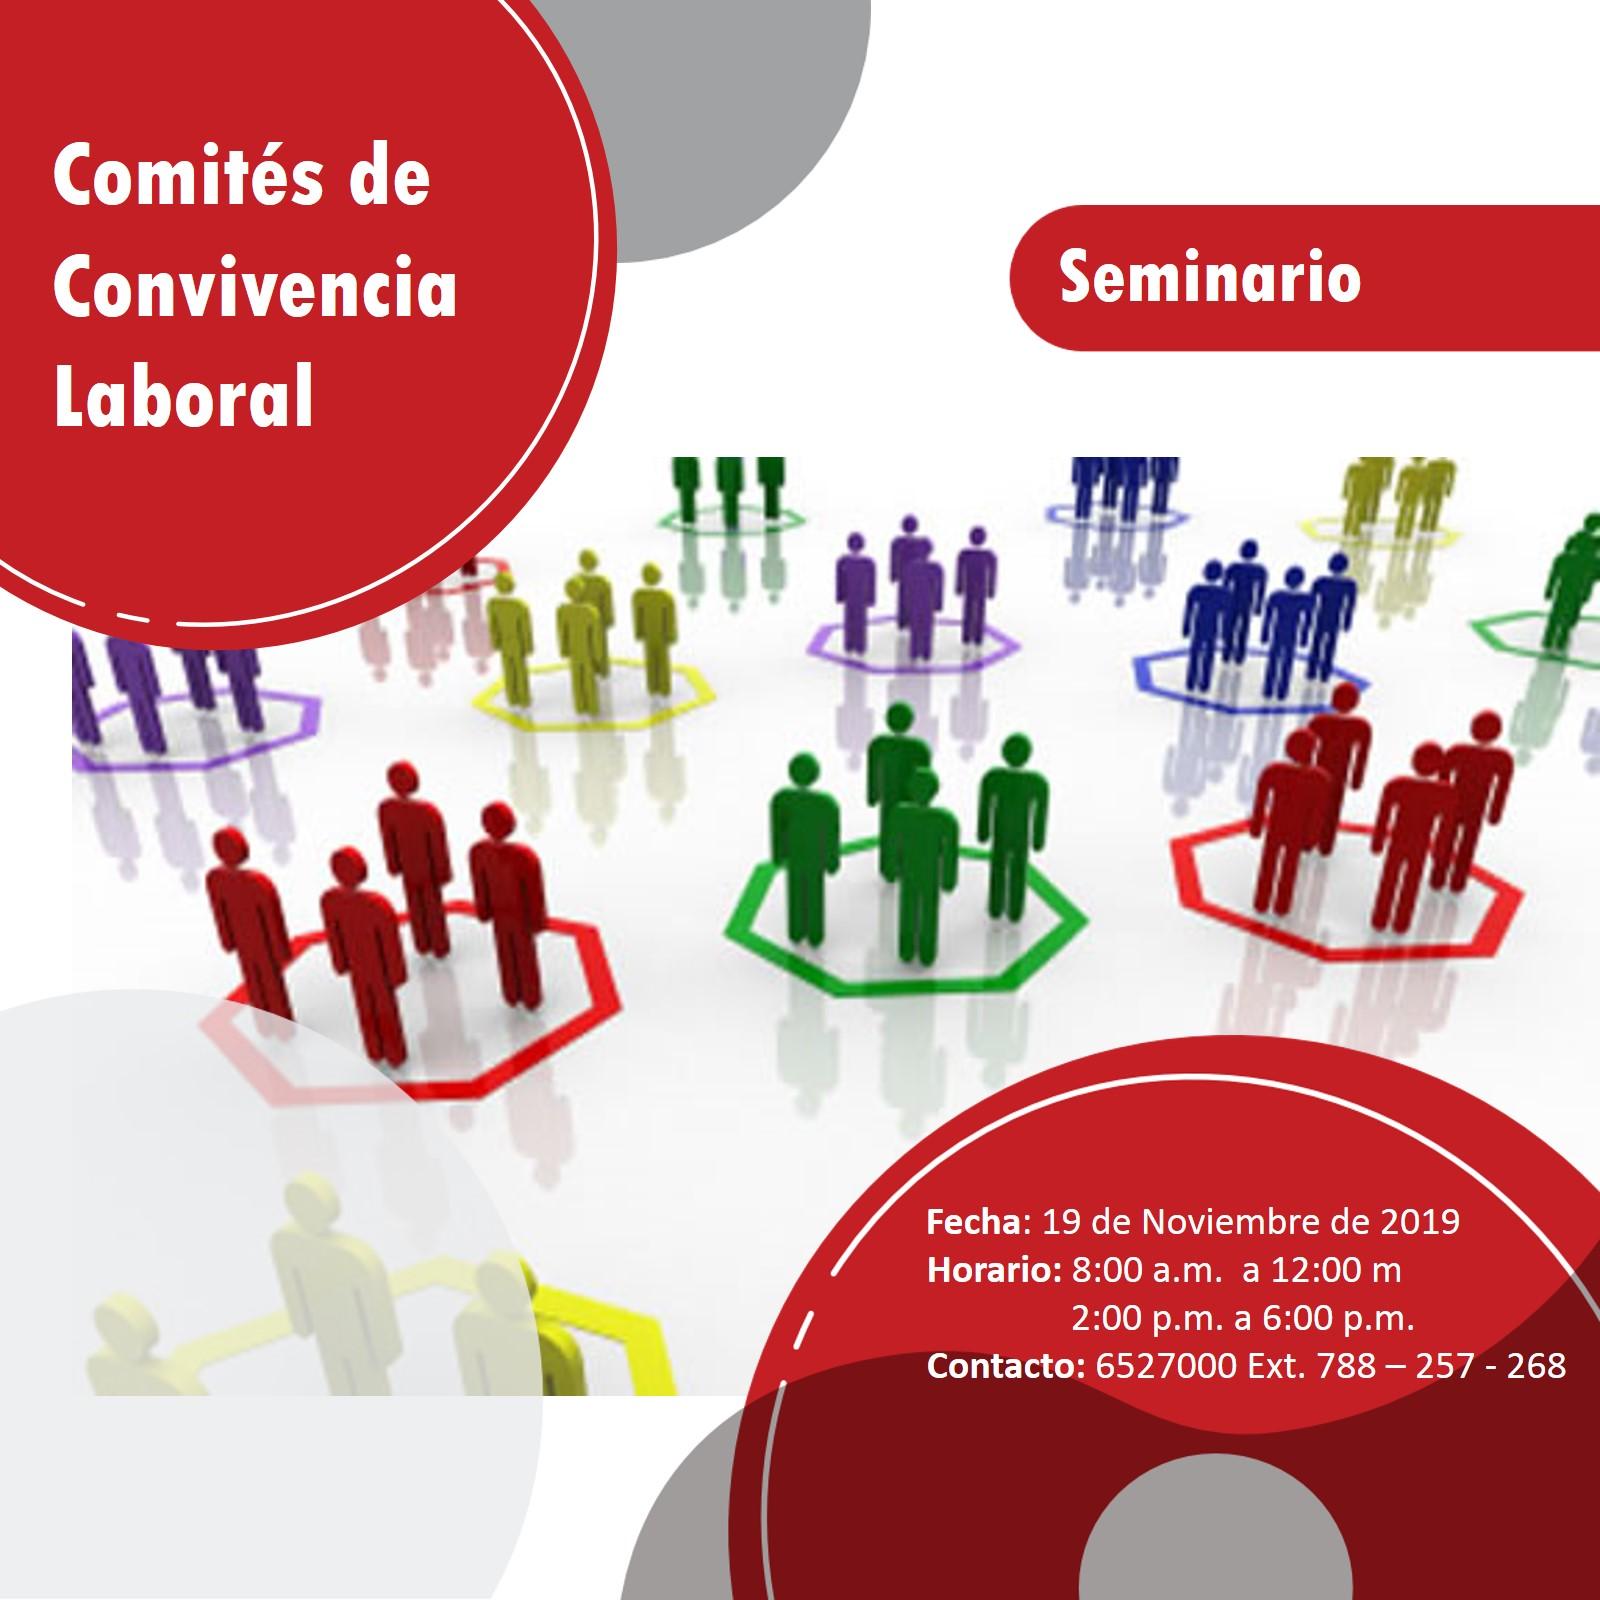 SEMINARIO COMITÉS DE CONVIVENCIA LABORAL